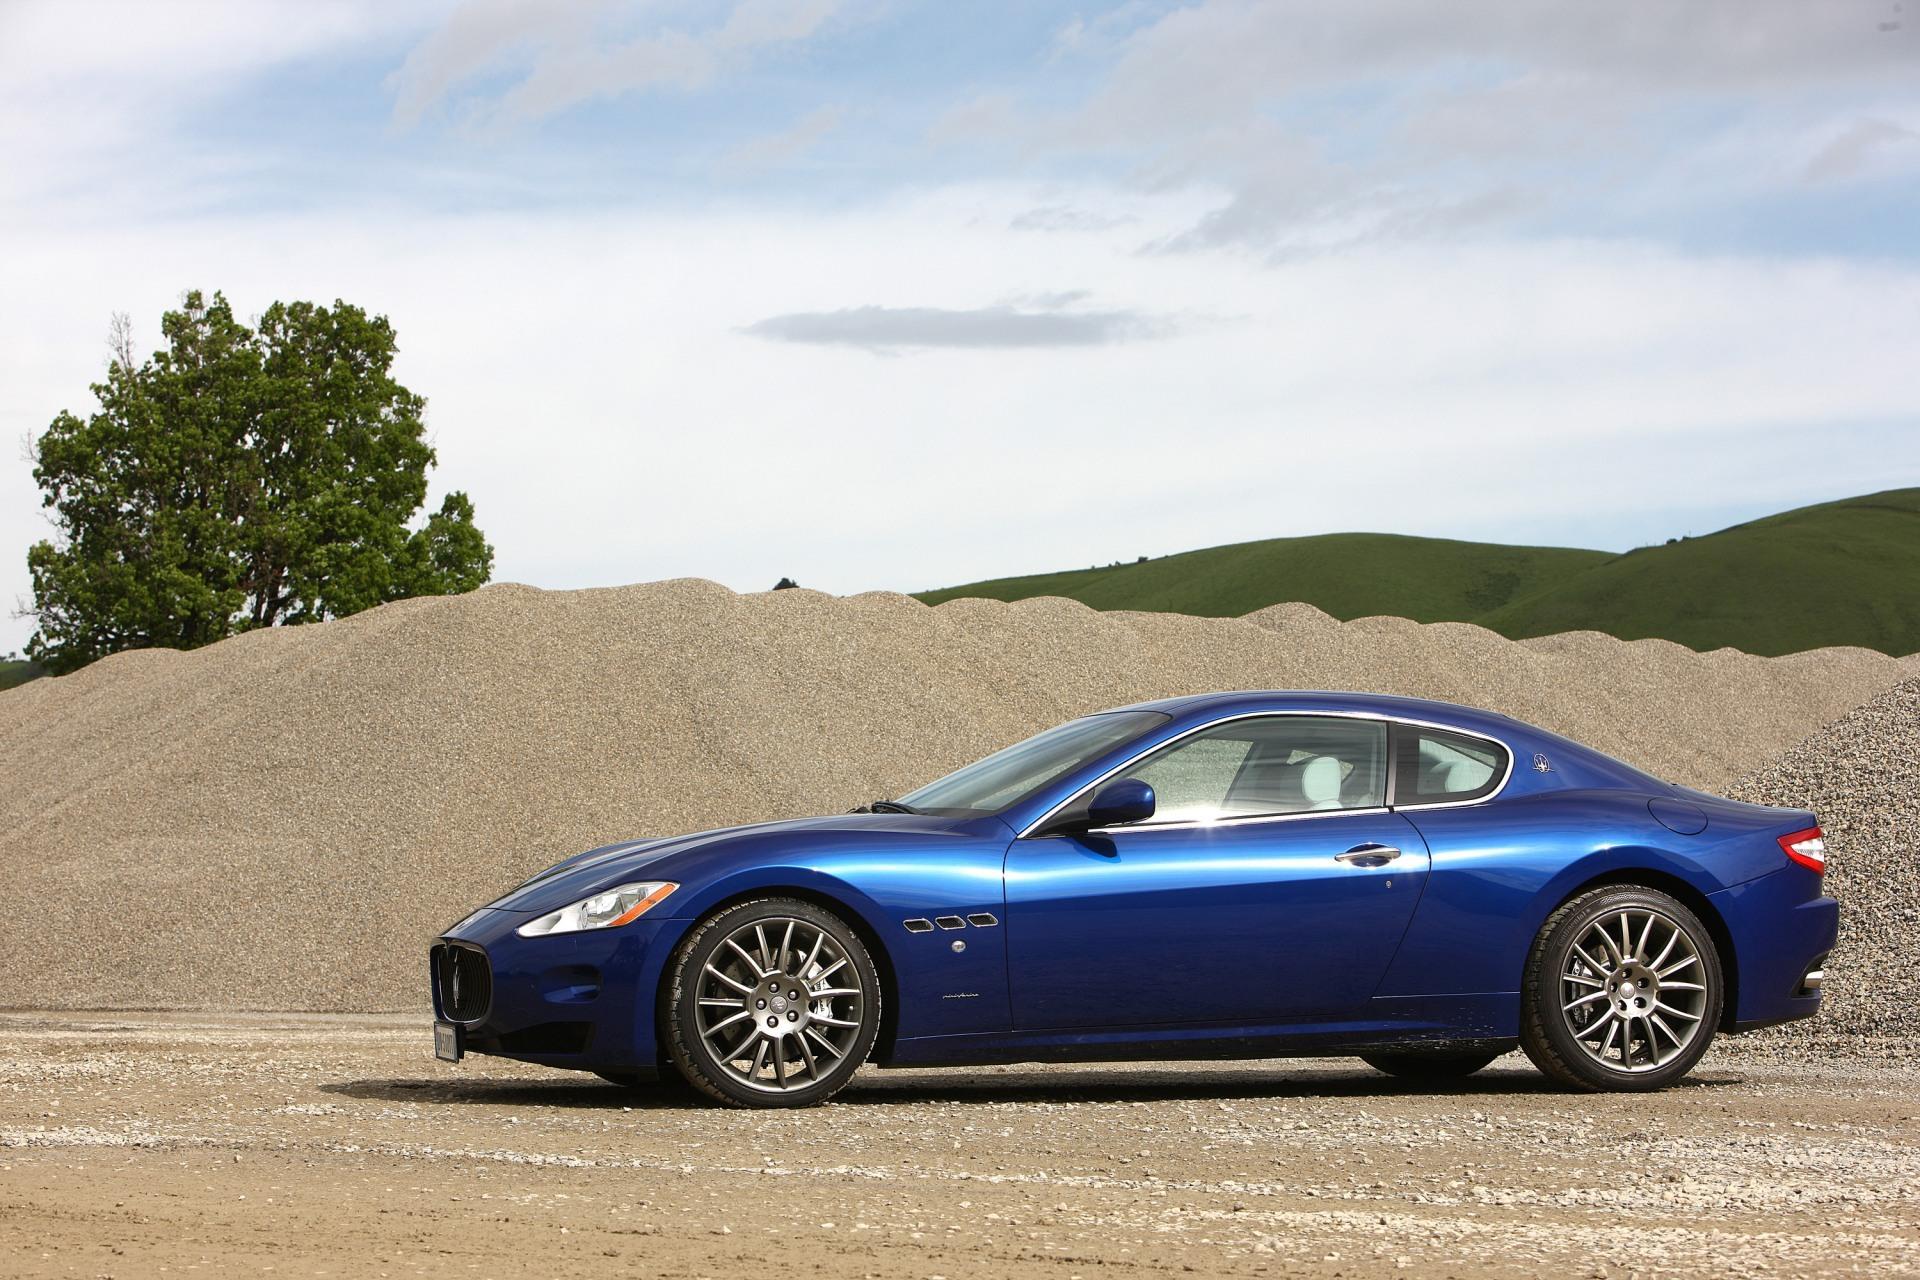 https://www.conceptcarz.com/images/Maserati/2010-Maserati-GranTurismo-Image-01.jpg